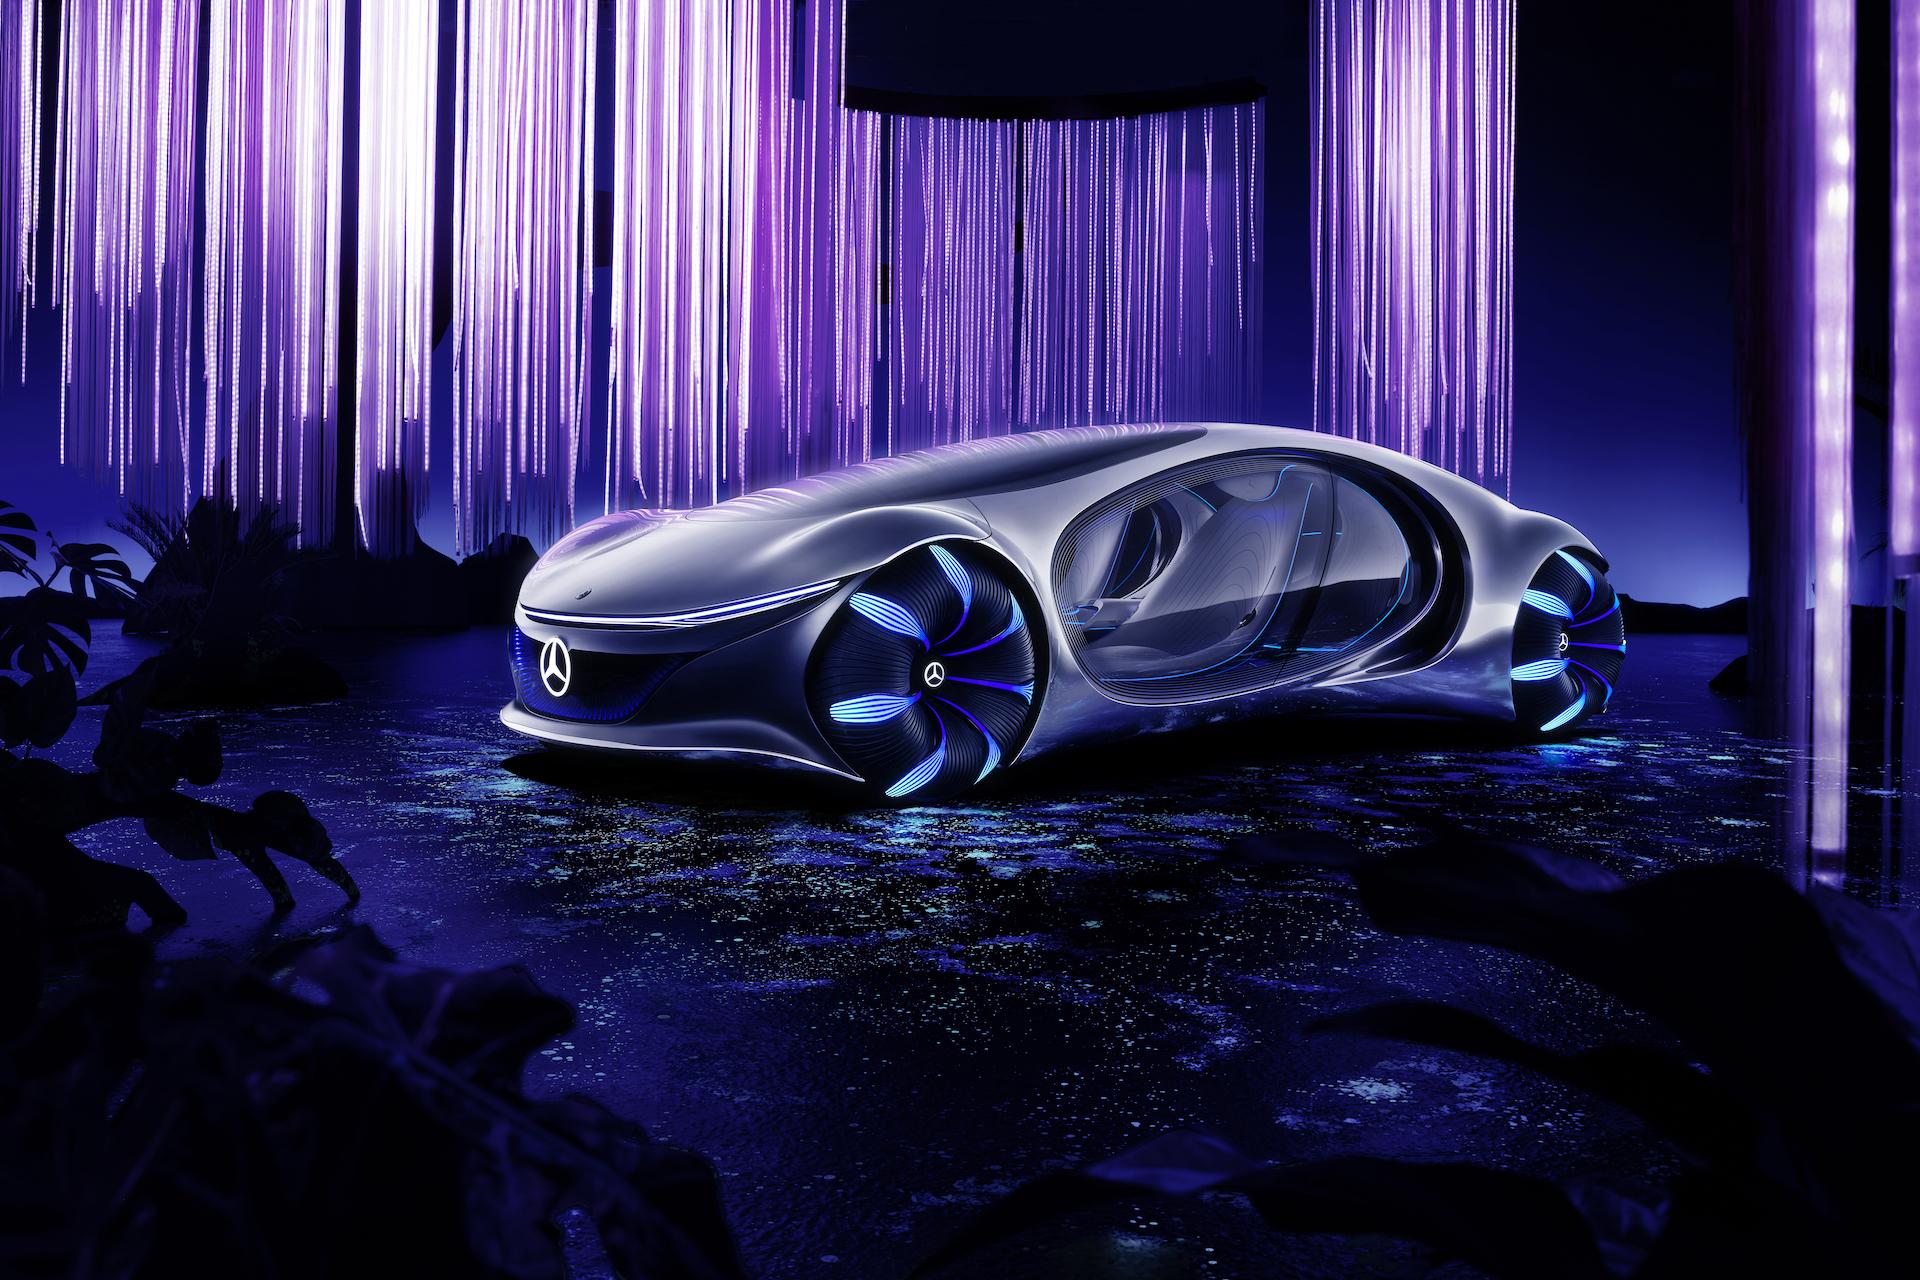 Der Mercedes-Benz Vision AVTR: Ein Auto, inspiriert von der Zukunft 17